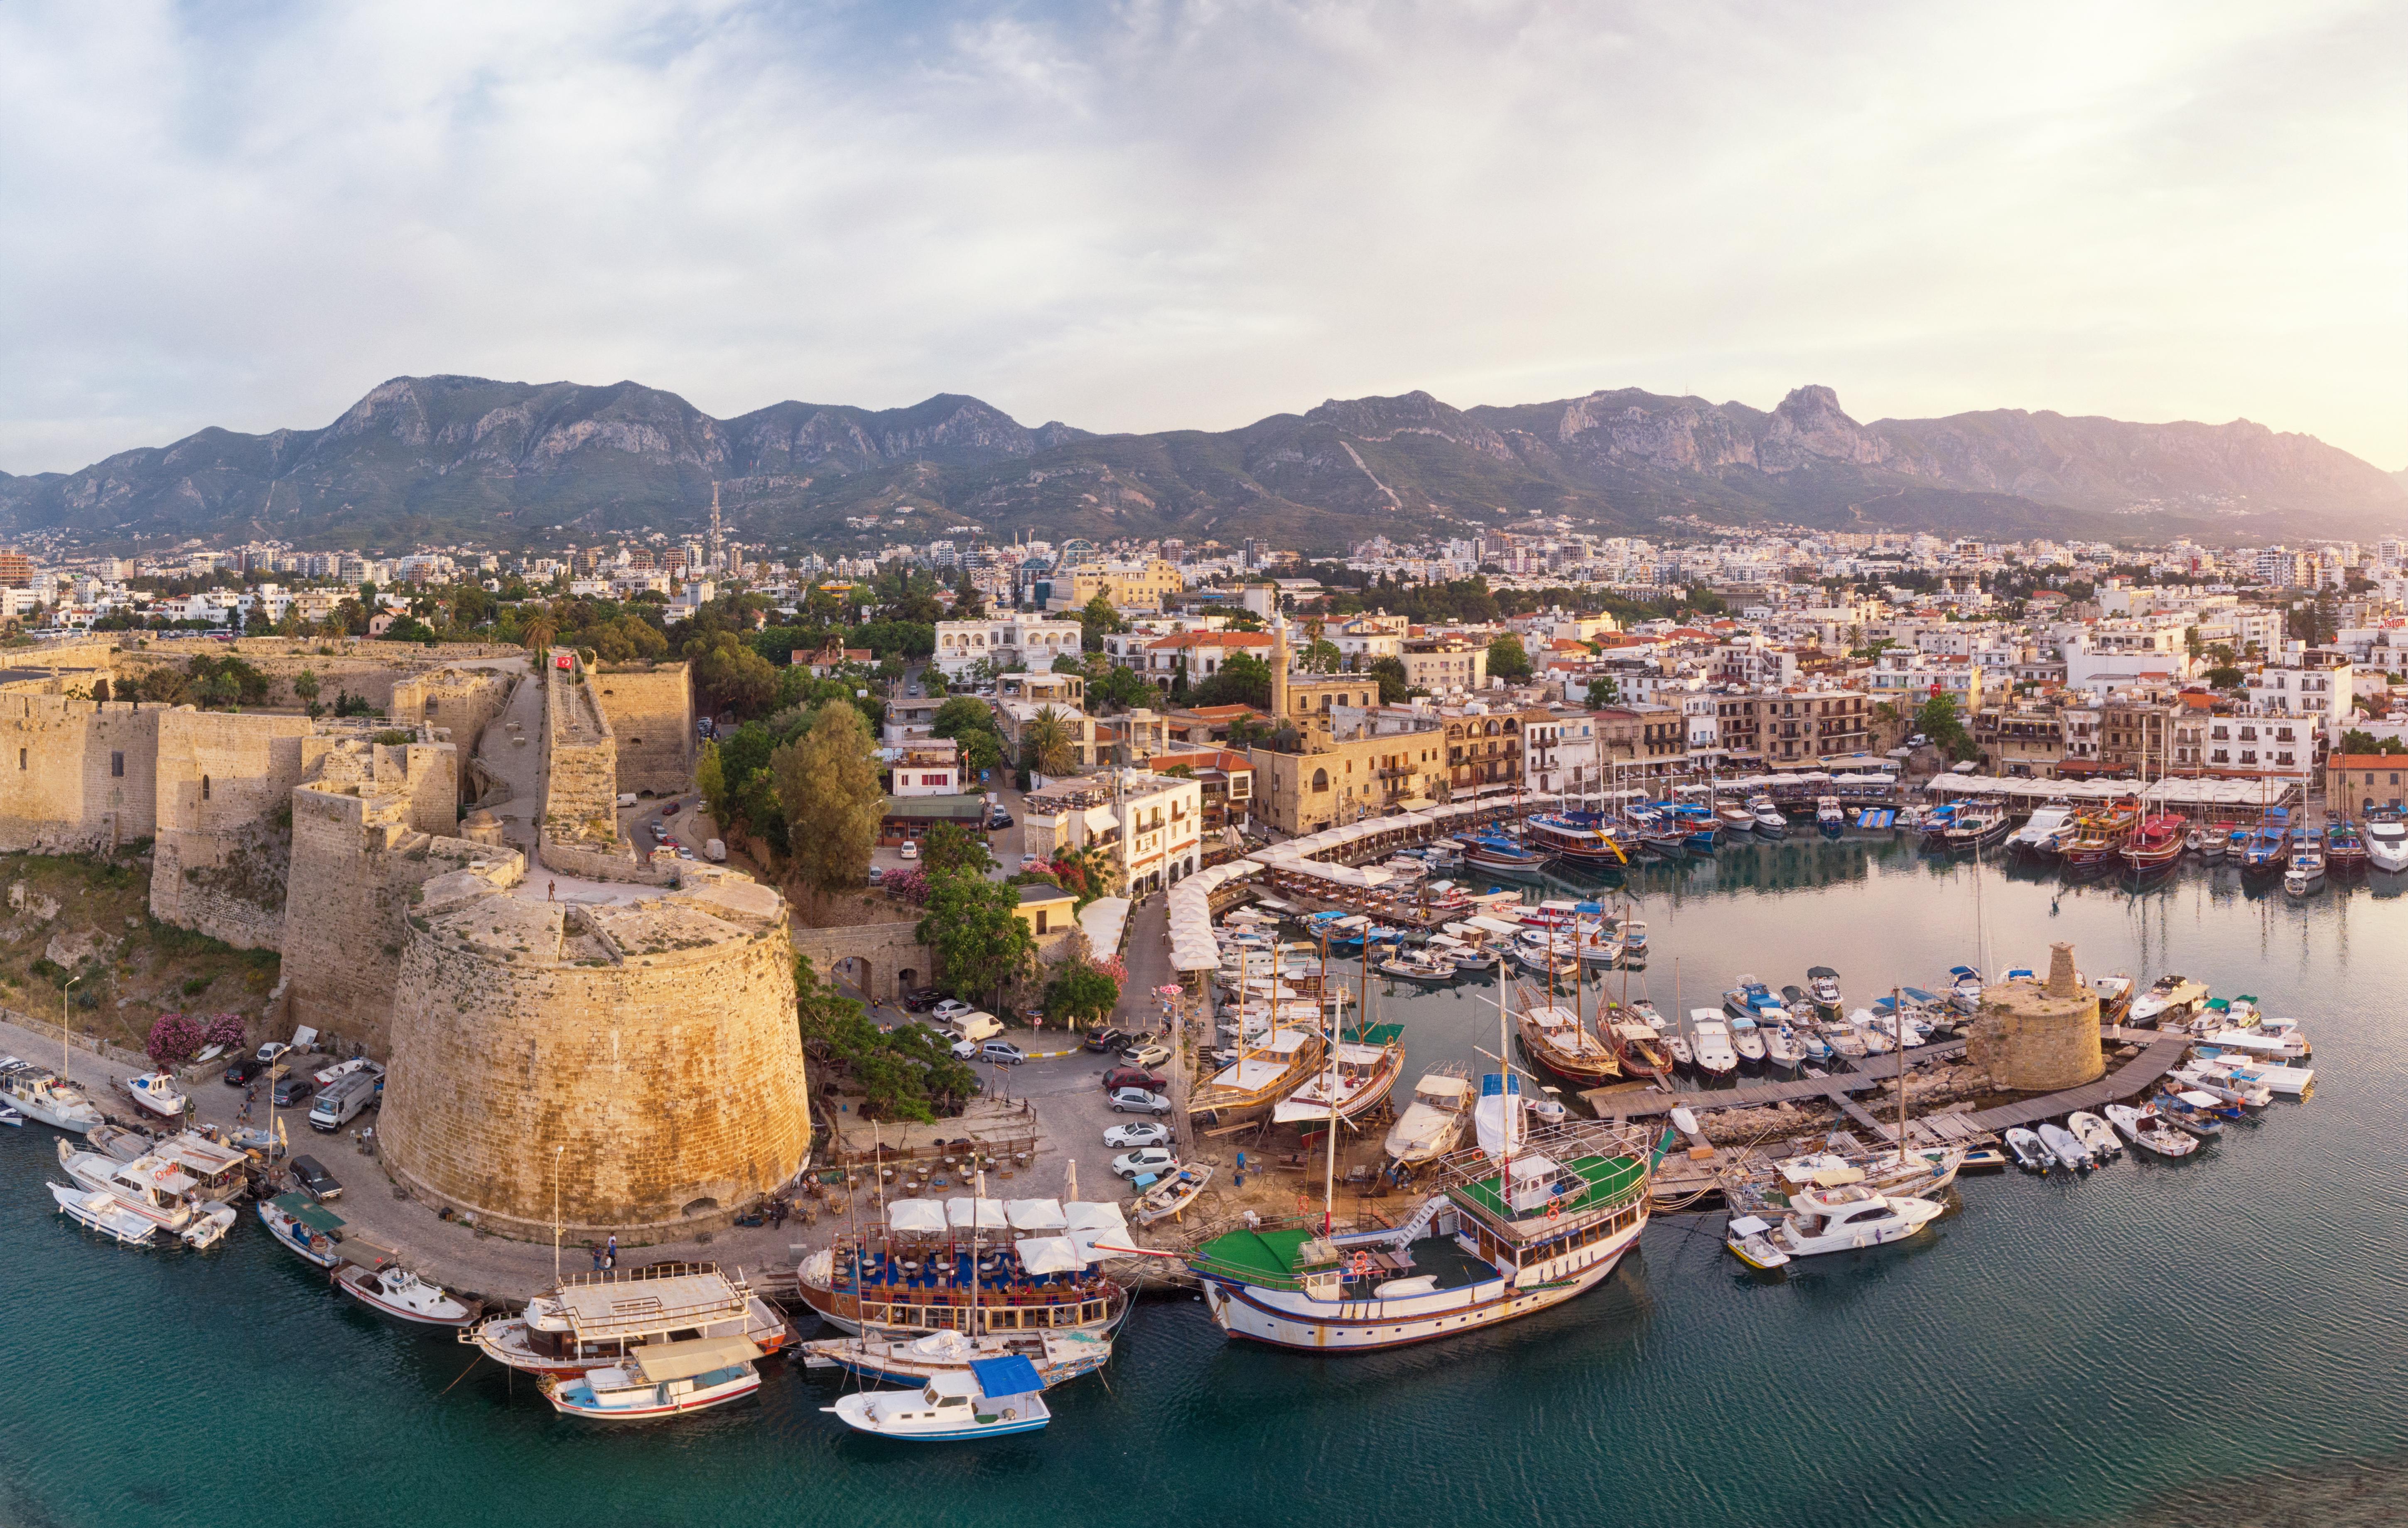 Vista aérea da cidade de Cirênia, Chipre